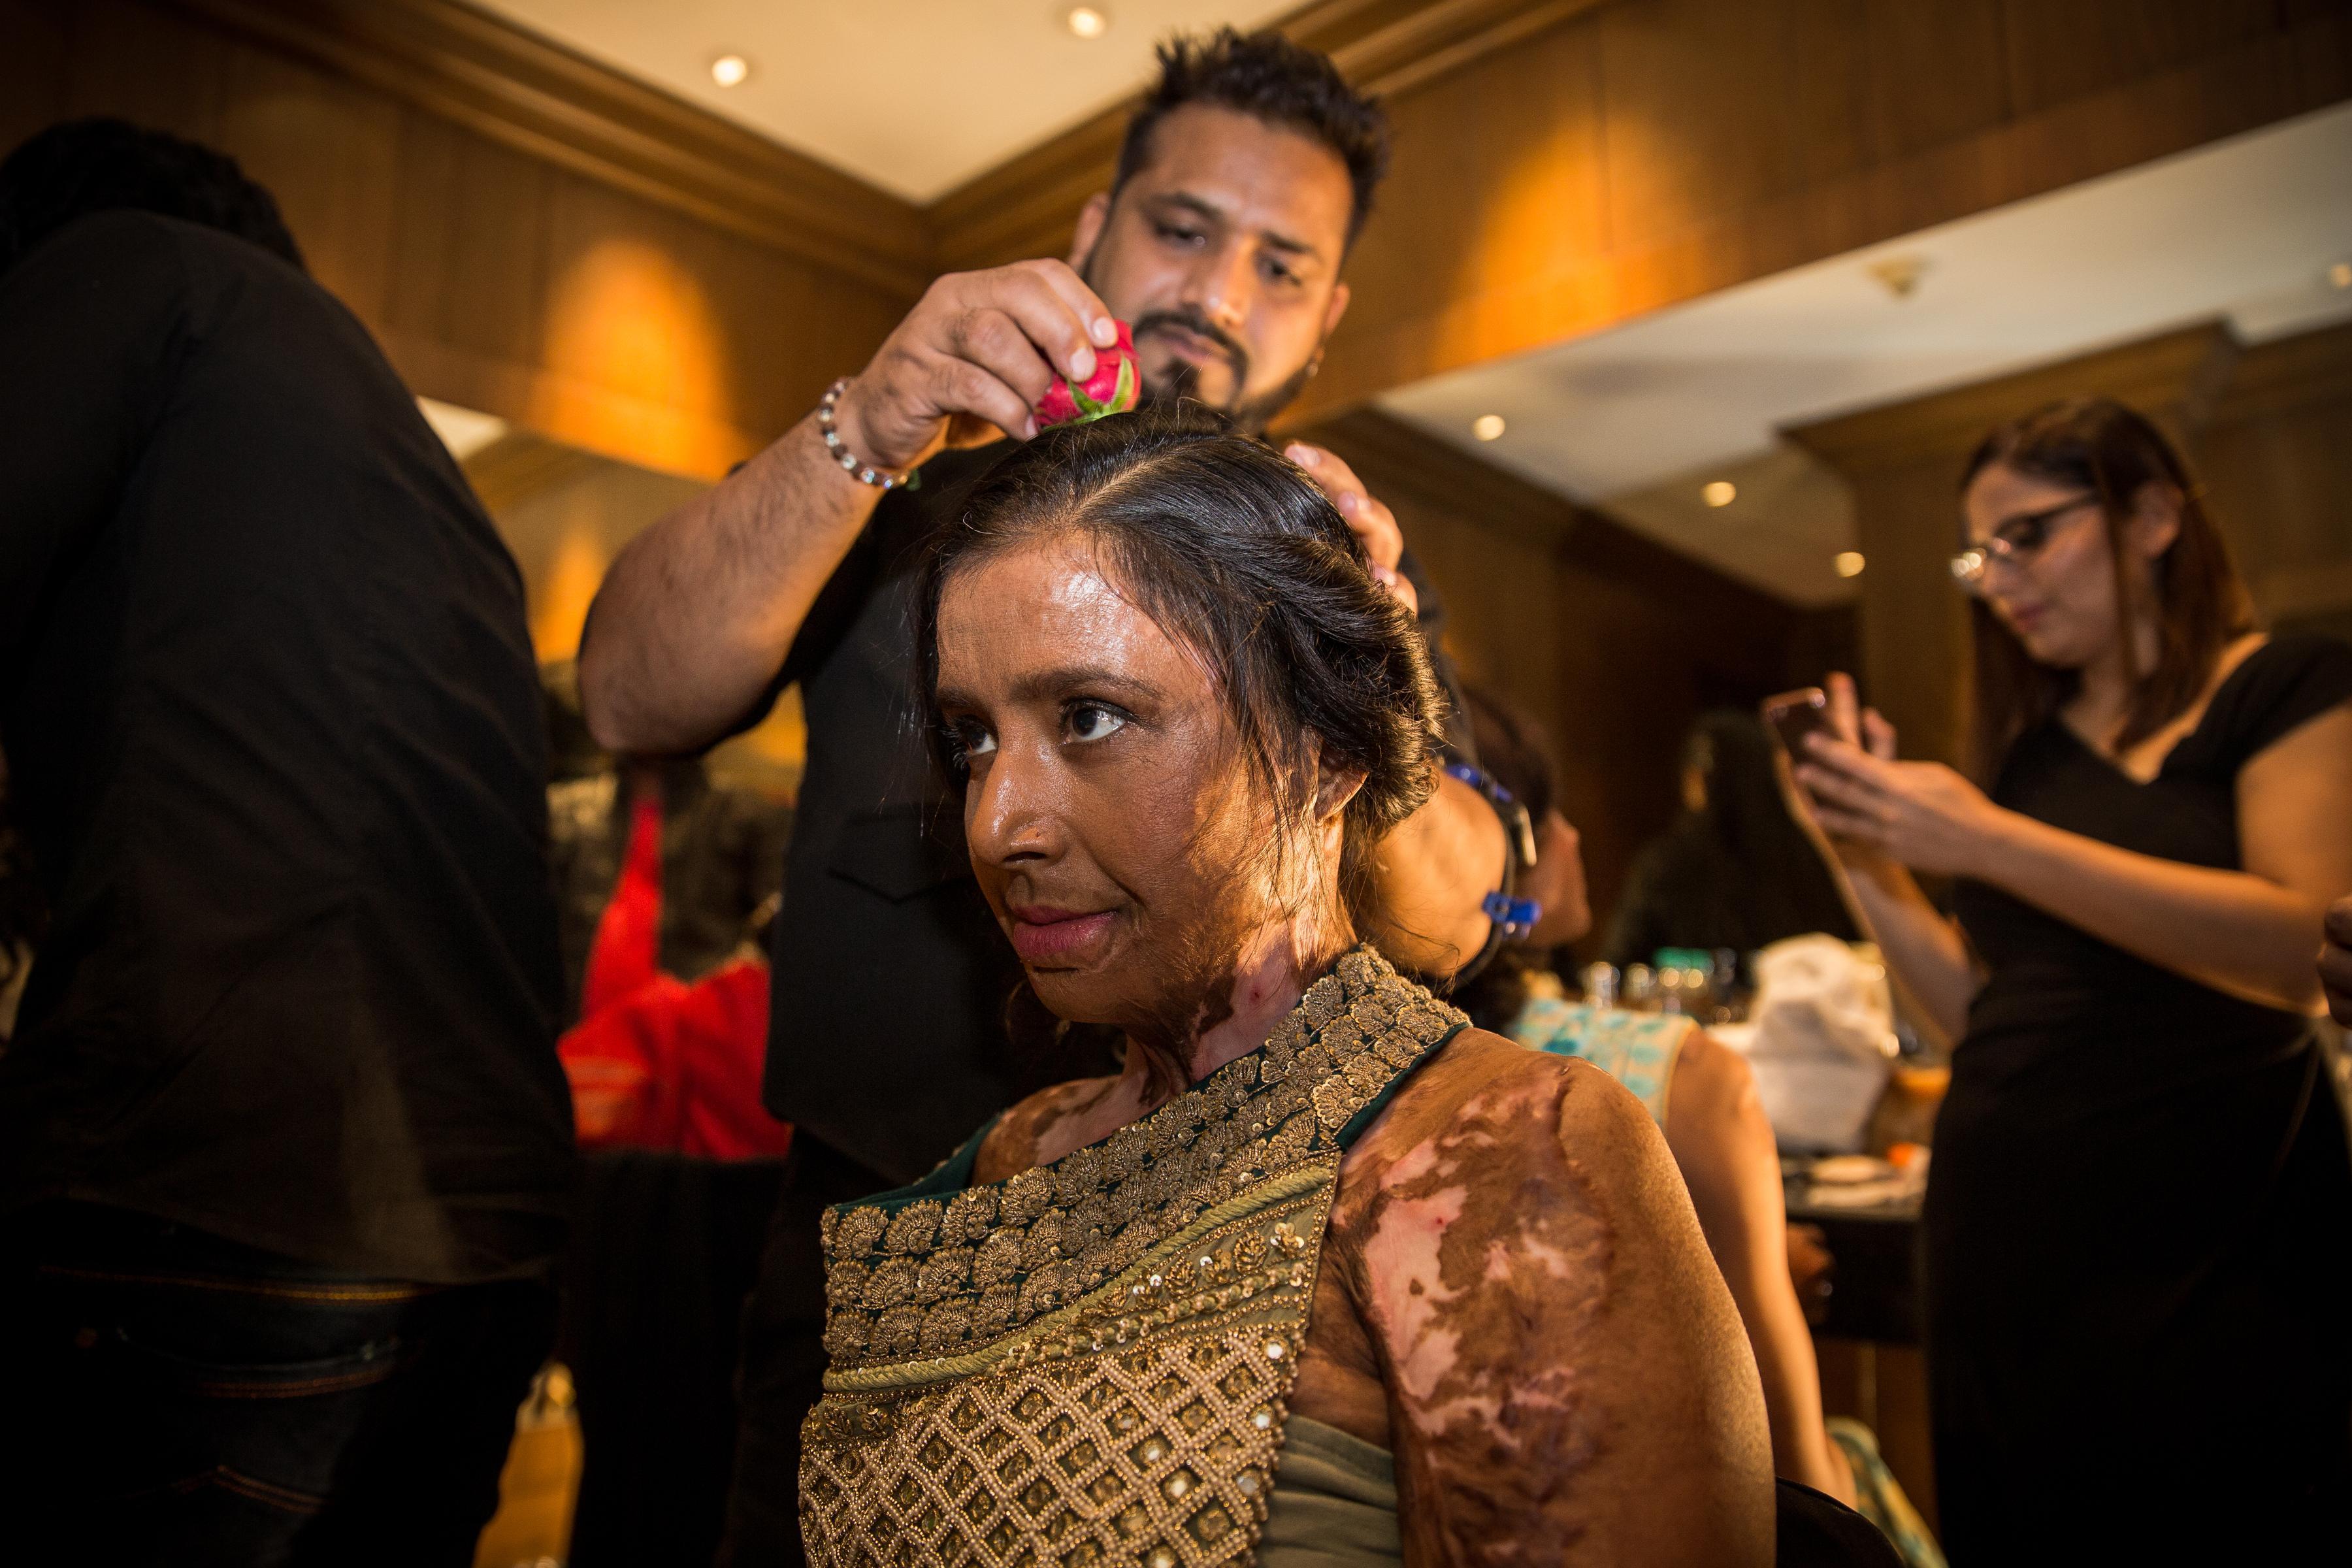 victimes d'attaques à l'acide lors du défilé Make Love Not Scars